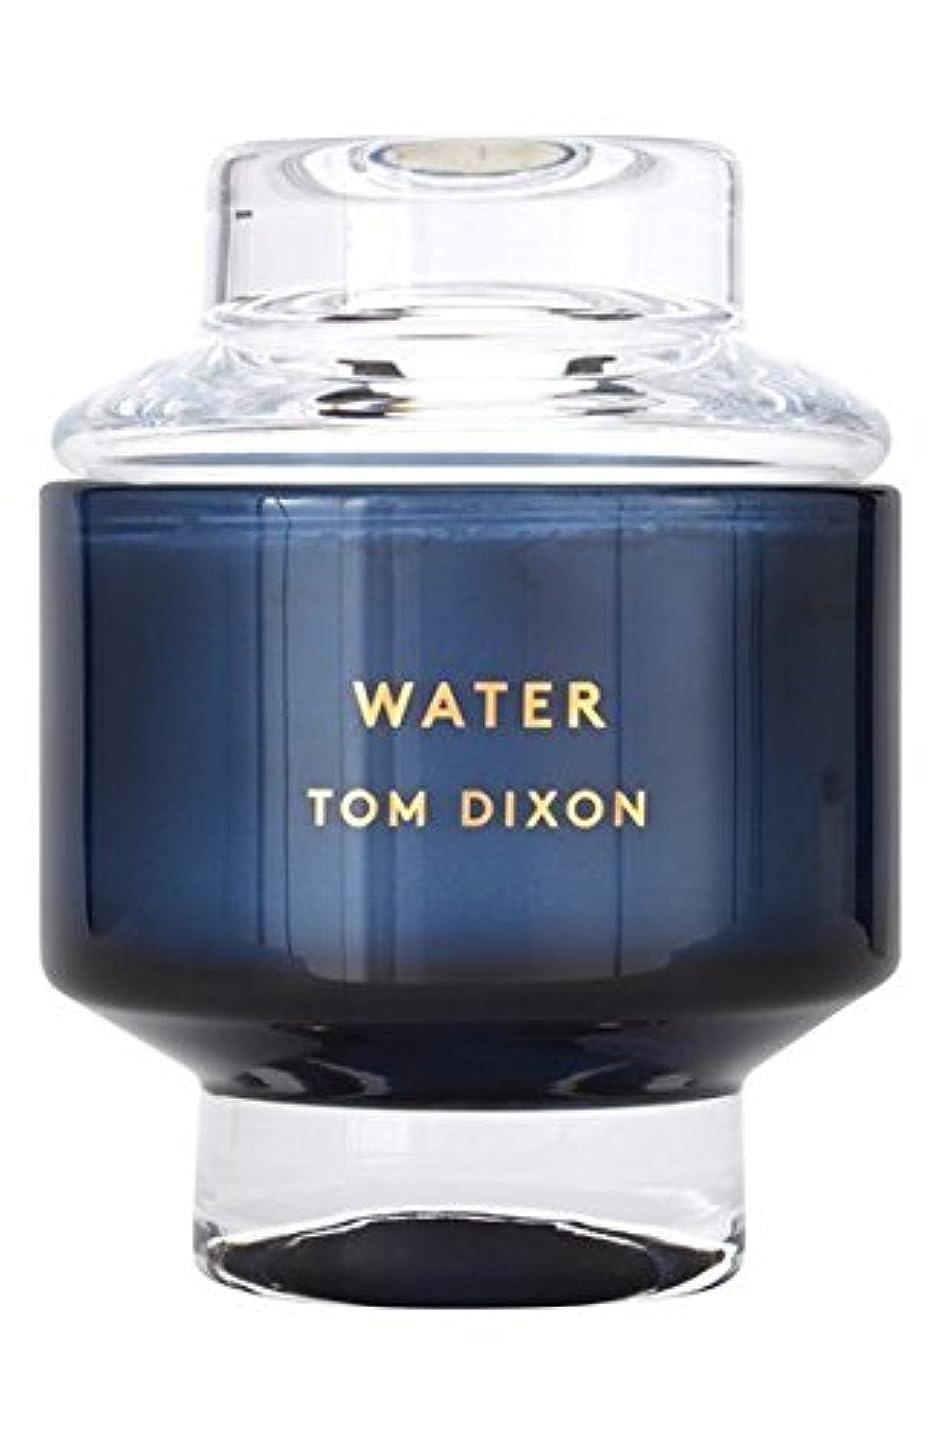 Tom Dixon 'Water' Candle (トム ディクソン 'ウオーター' キャンドル中)Midium